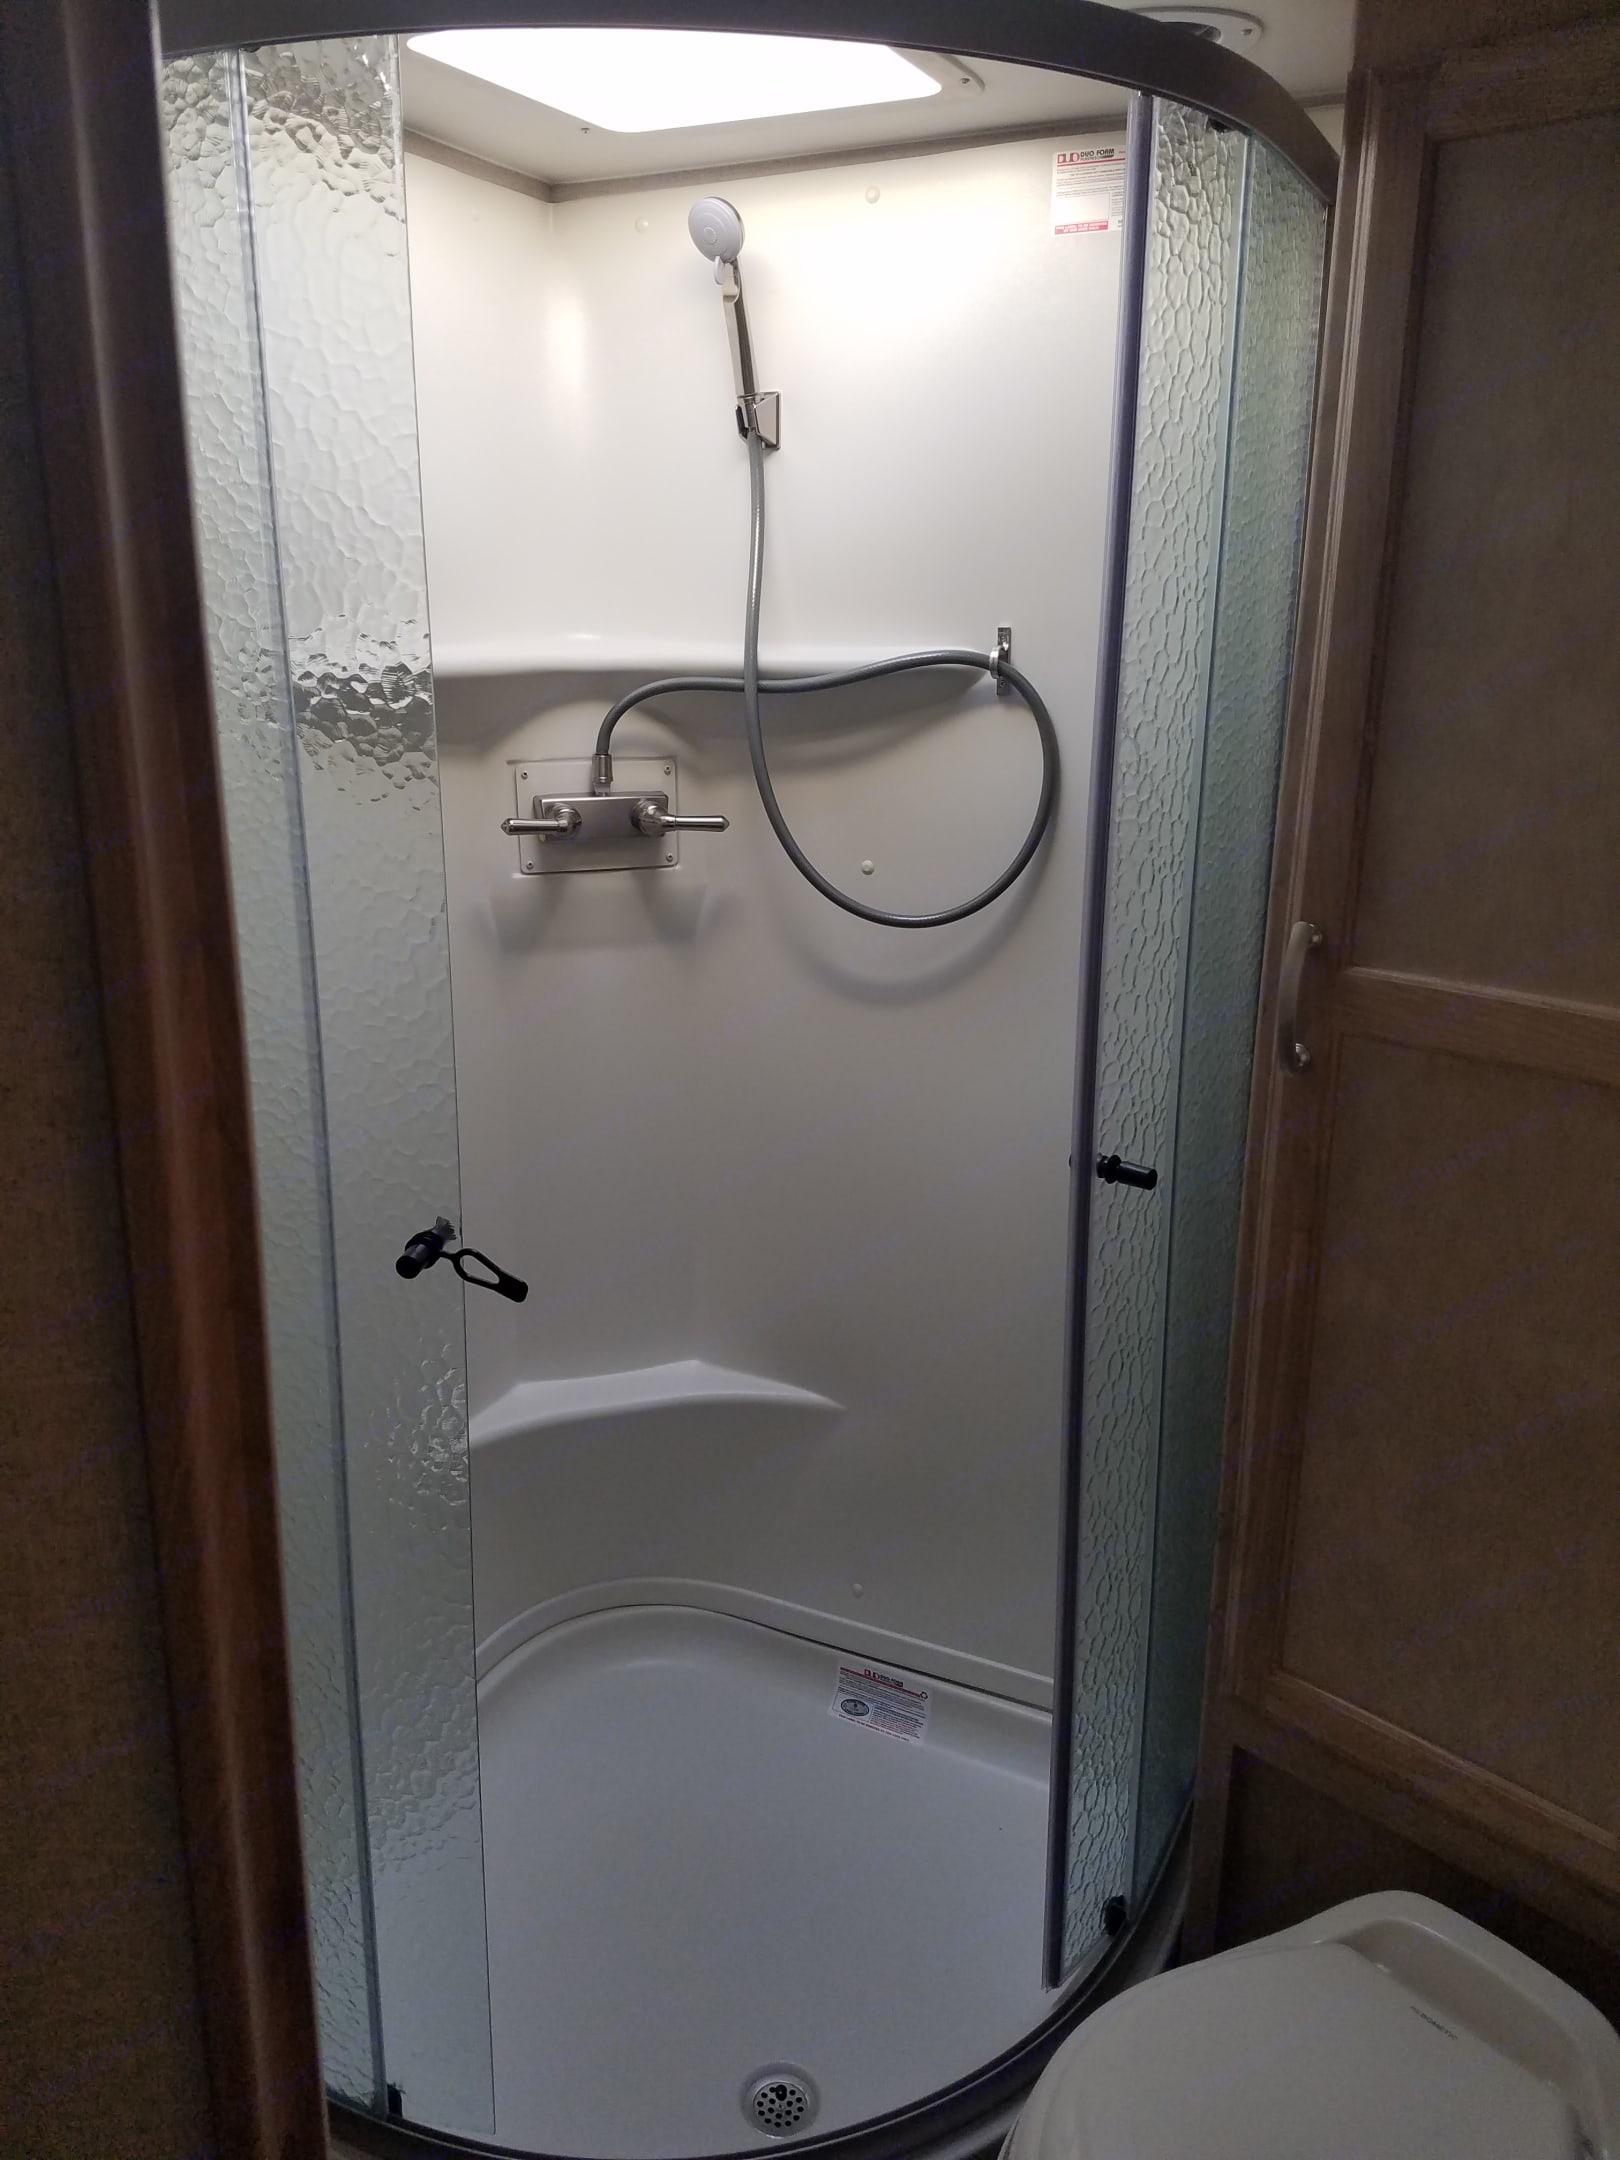 Full, dry shower. Winnebago Micro Minnie 2020